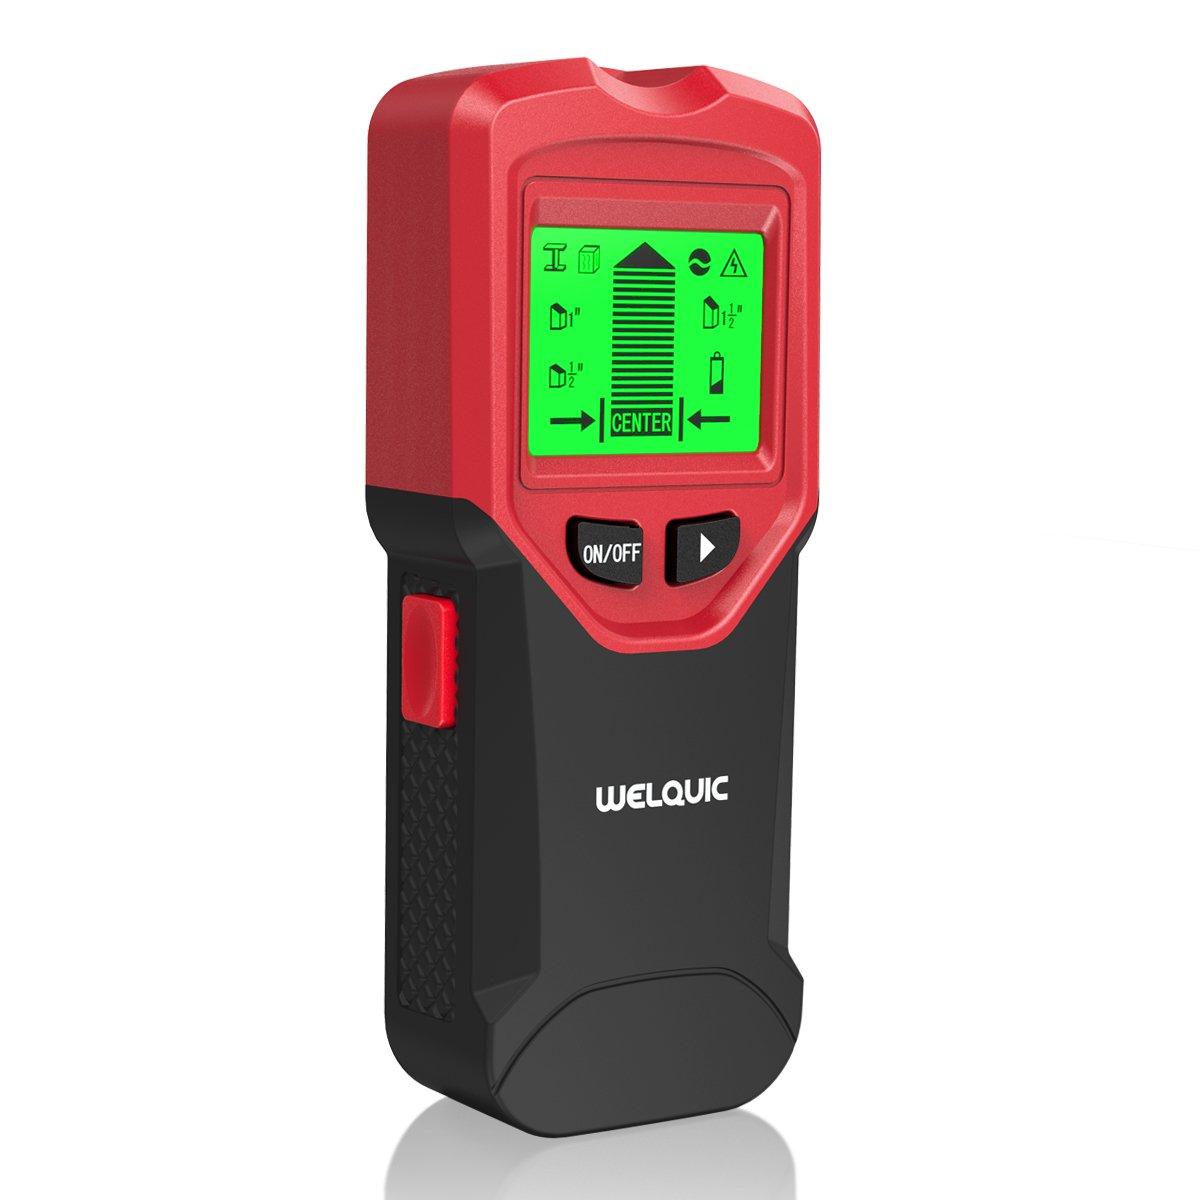 WELQUIC Detector de Pared Multifuncional 3-en-1 Stud Finder con Calibración Automática,